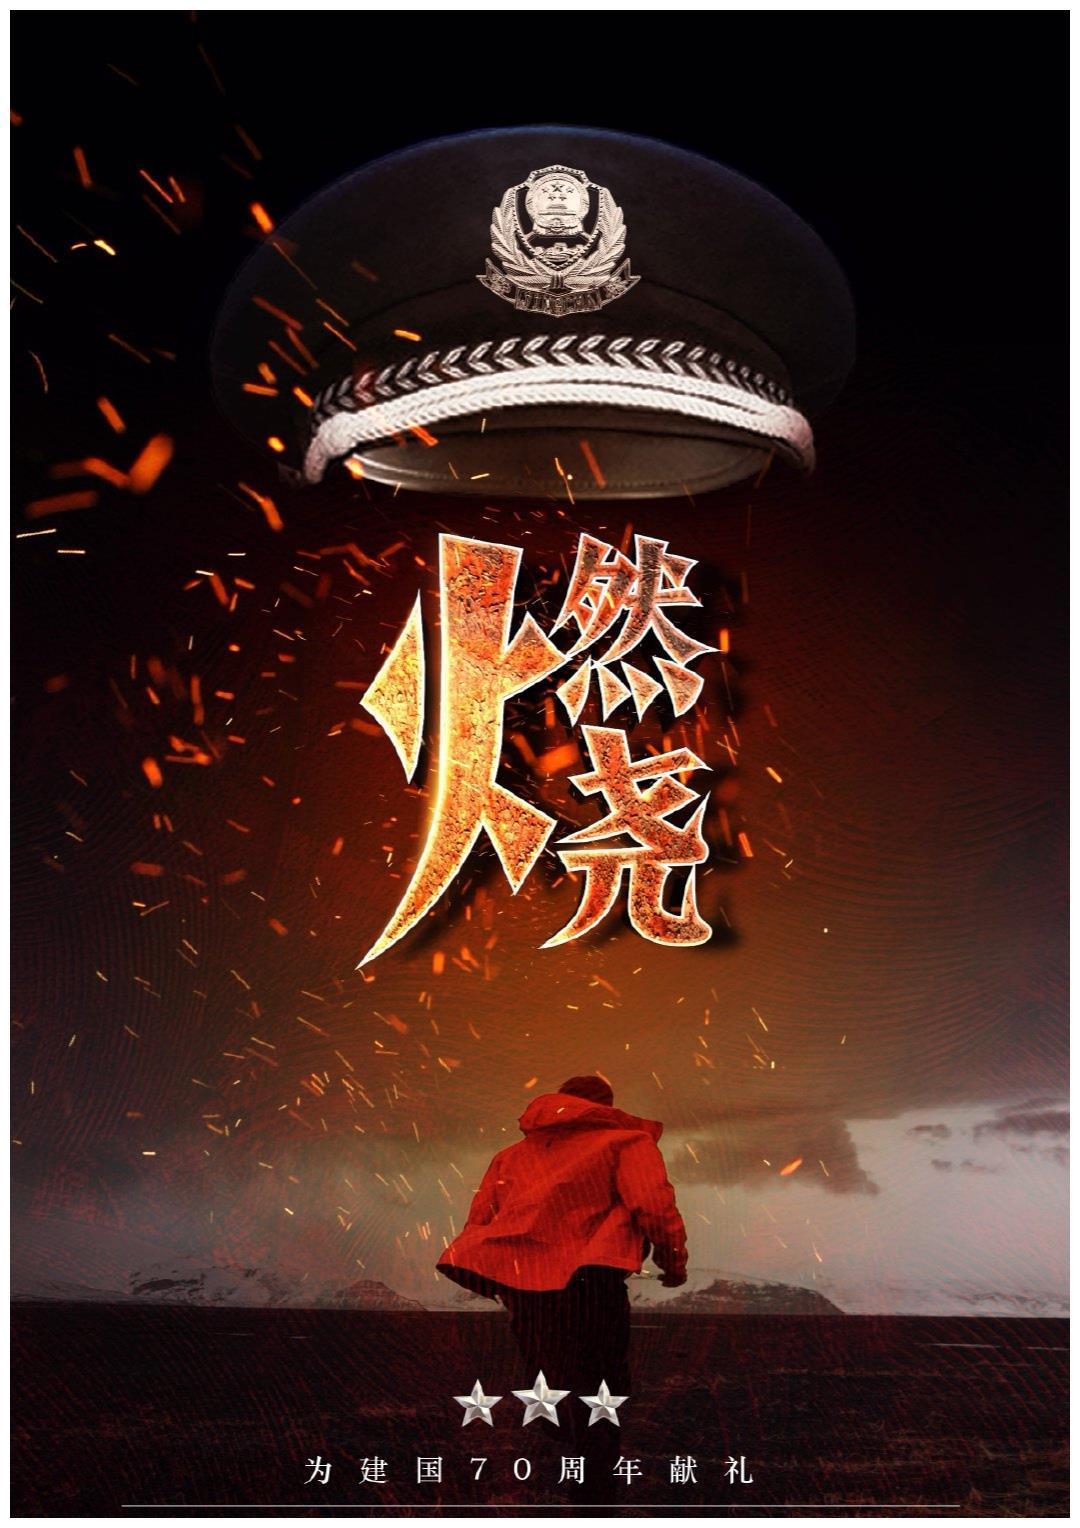 刑侦大剧《燃烧》,燃爆你的心,张佳宁经超找寻自己内心的归属!